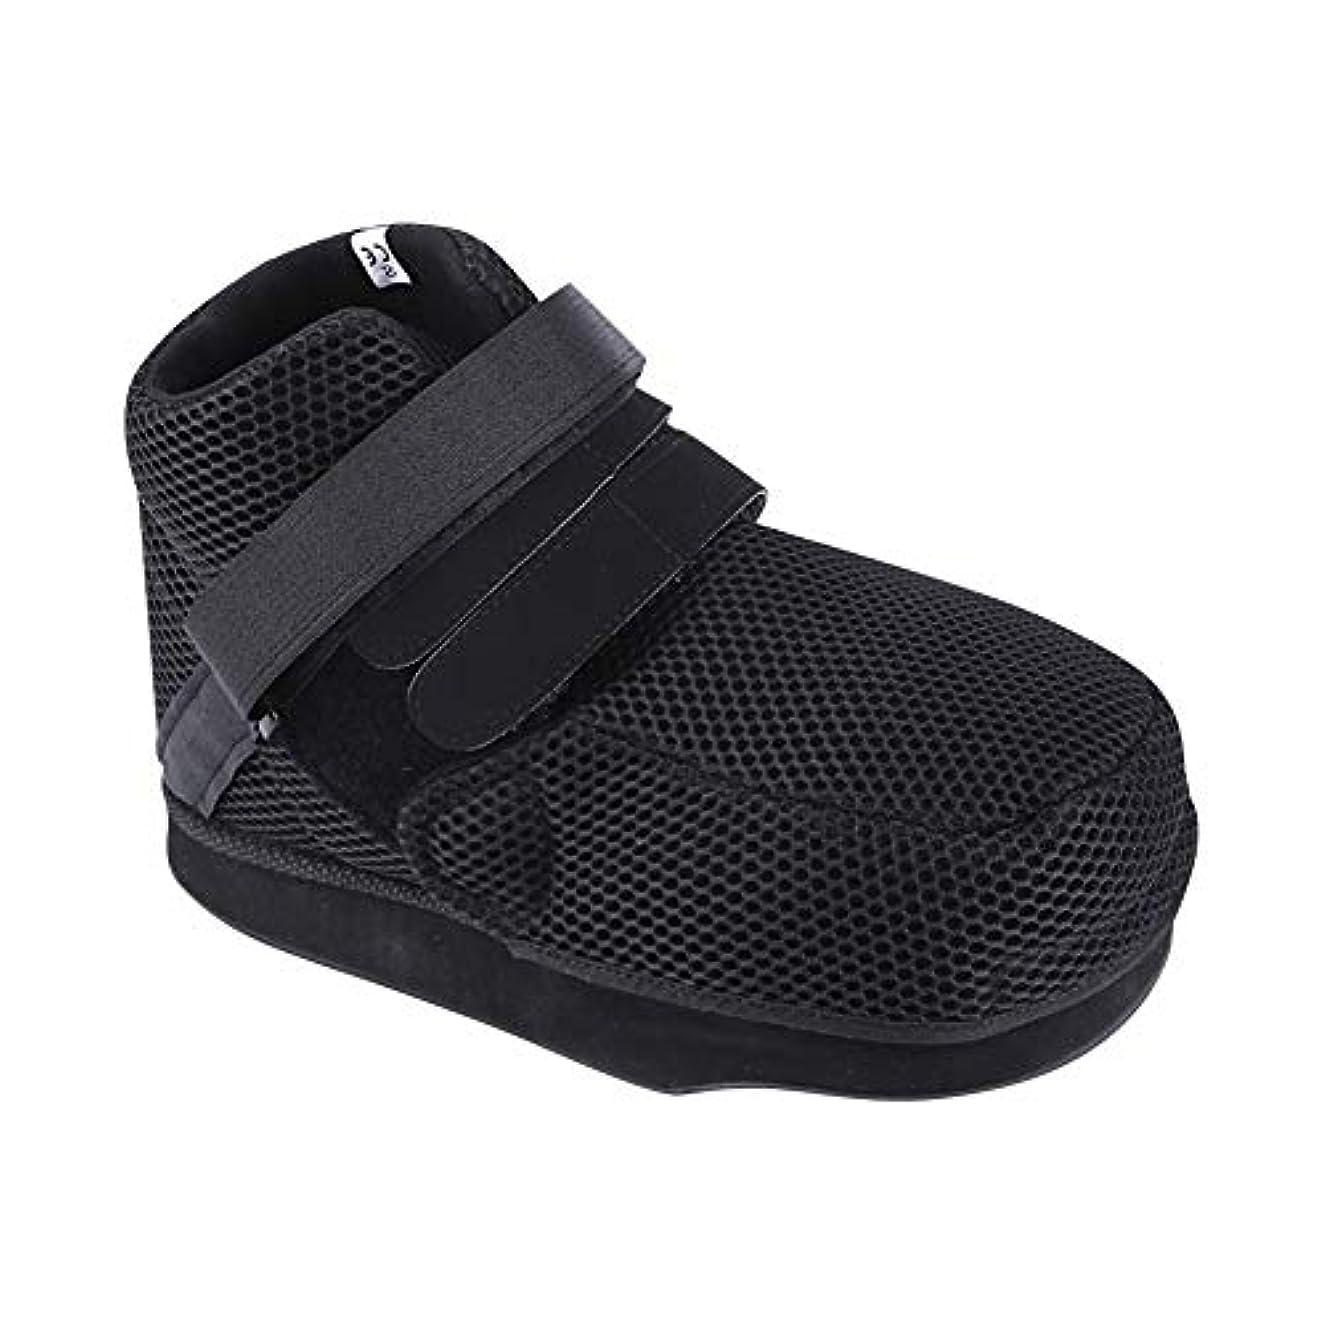 プレフィックス窒息させる貸すuirendjsf 前足減圧靴 - ポストプラスター靴 調節可能なストラップ 足の骨折足骨折患者用